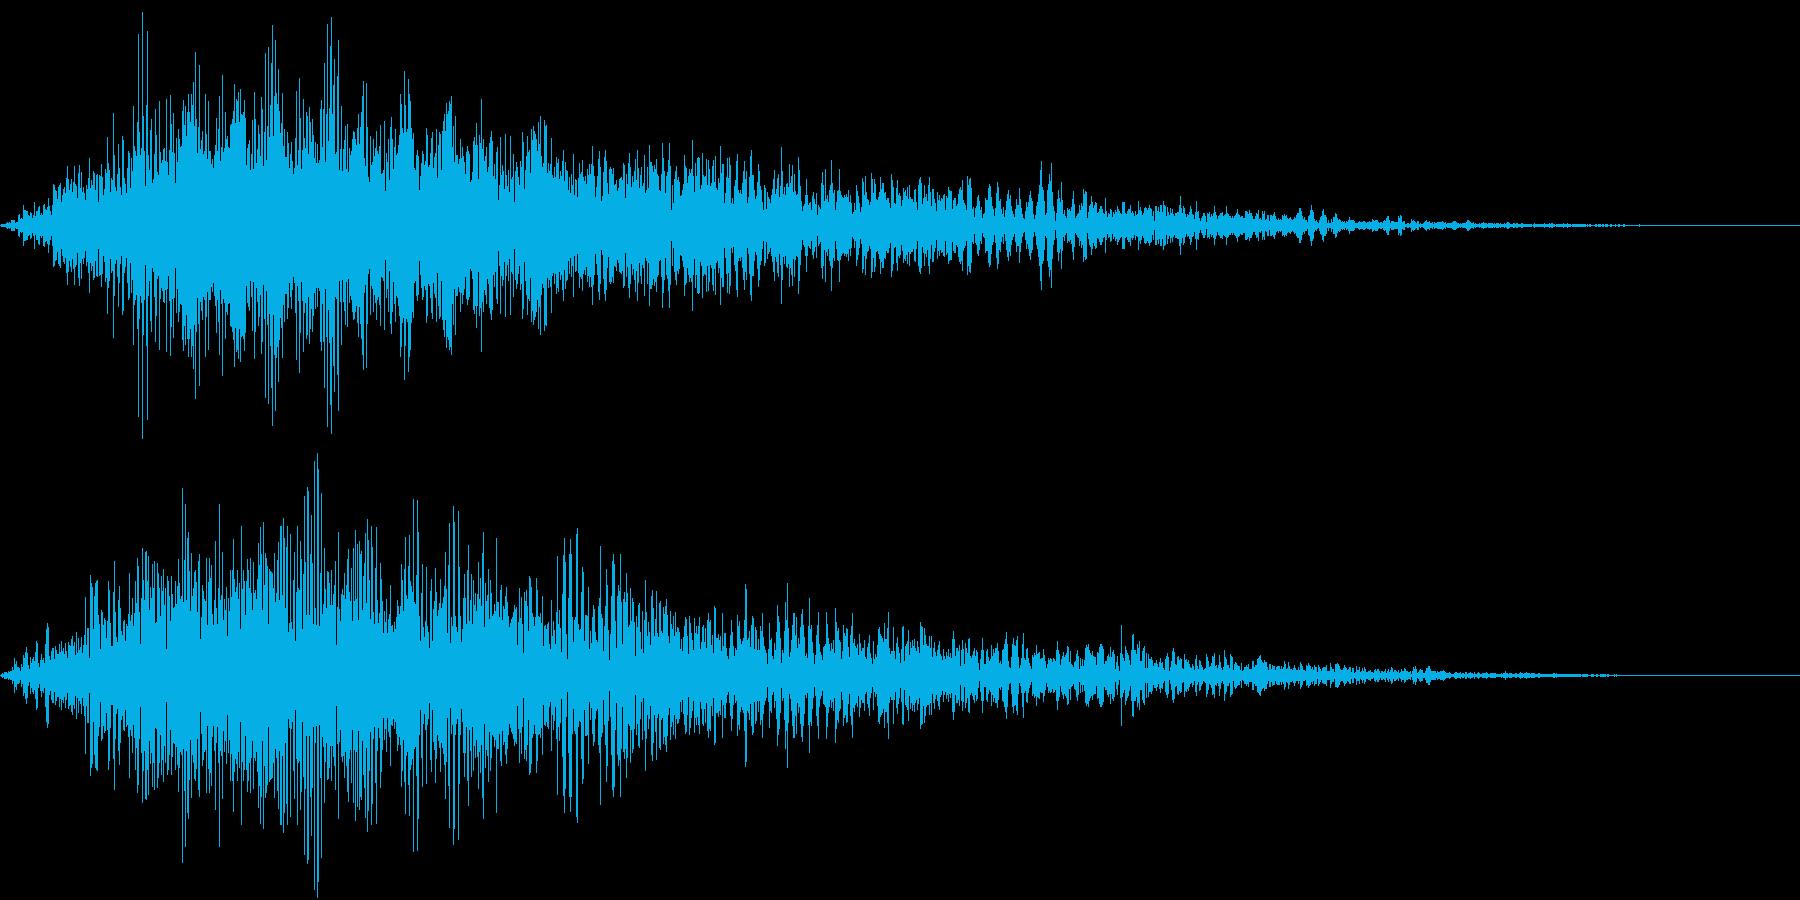 WaOhooo!! ワァオ 電子音の再生済みの波形